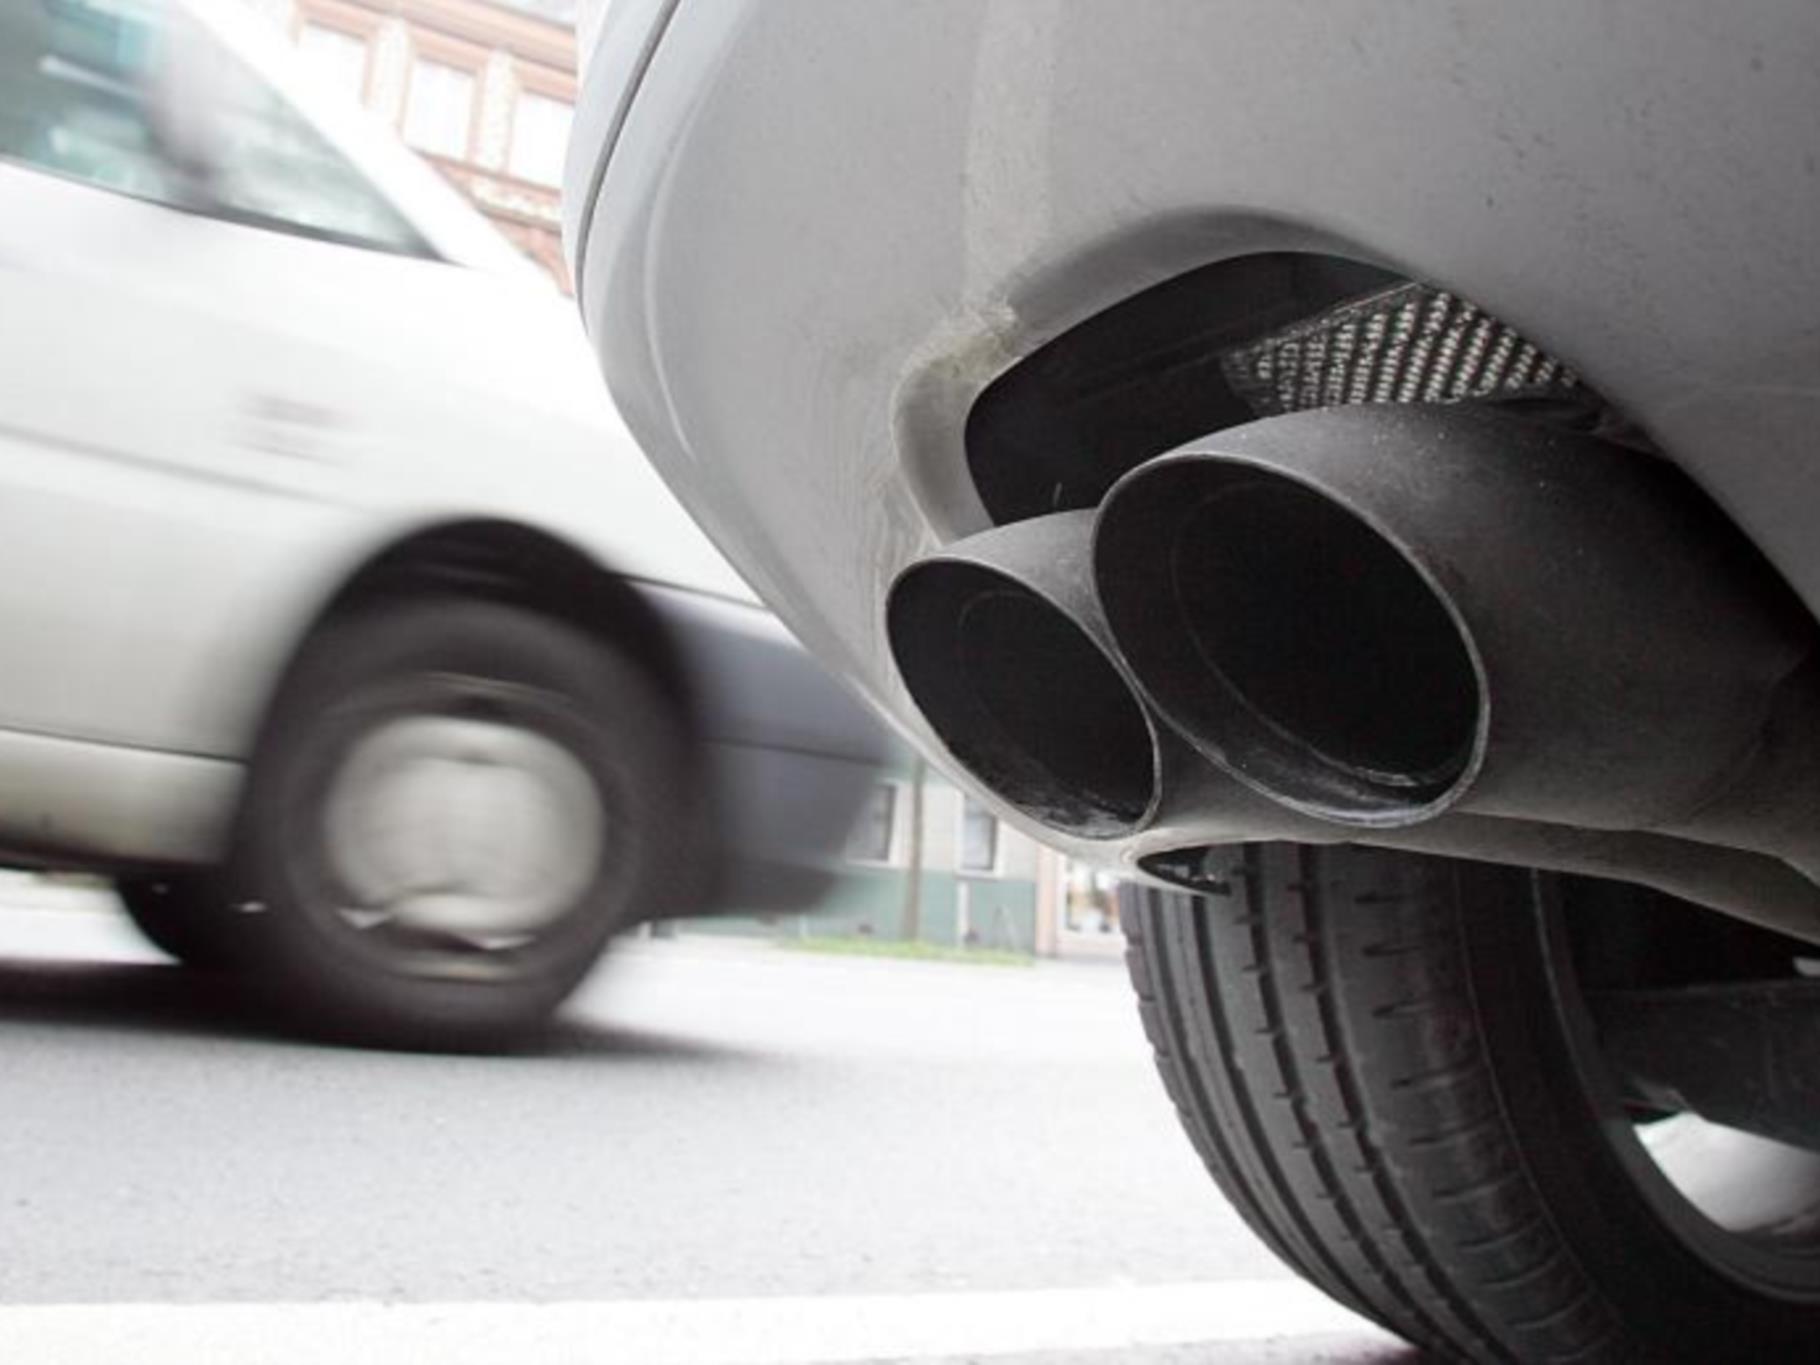 Vor allem ältere Fahrzeuge und die lange Trockenheit sind für viel Feinstaub in der Luft verantwortlich